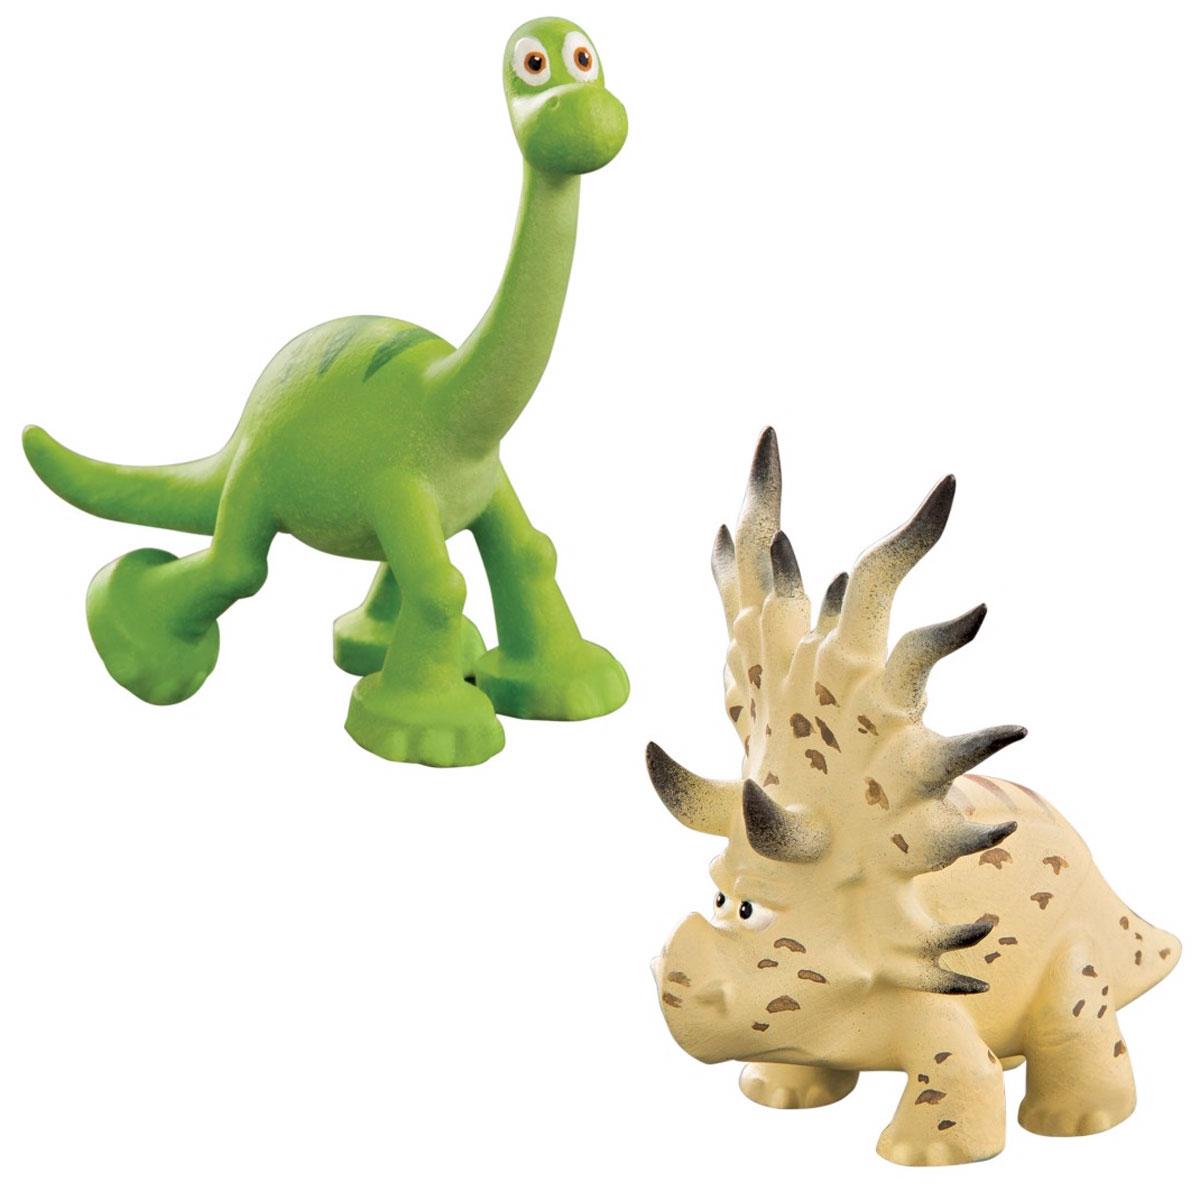 Хороший динозавр Набор фигурок Арло и Аконтофиопс62301В наборе фигурок Хороший динозавр Арло и Аконтофиопс представлены 2 фигурки: динозавр Арло, главный герой мультфильма Хороший динозавр, и загадочный Аконтофиопс. У Арло беспечная добродушная мордочка, такая же, как в мультике, а Аконтофиопс выглядит очень строгим и серьезным. Фигурки выполнены с высокой степенью детализации, в точности похожи на свои анимационные прототипы. Набор можно совместить с другими комплектами фигурок, чтобы расширить диапазон сюжетных сцен с участием ключевых героев. Все комплекты продаются отдельно. Ваш ребенок часами будет играть с такой игрушкой, придумывая различные истории.